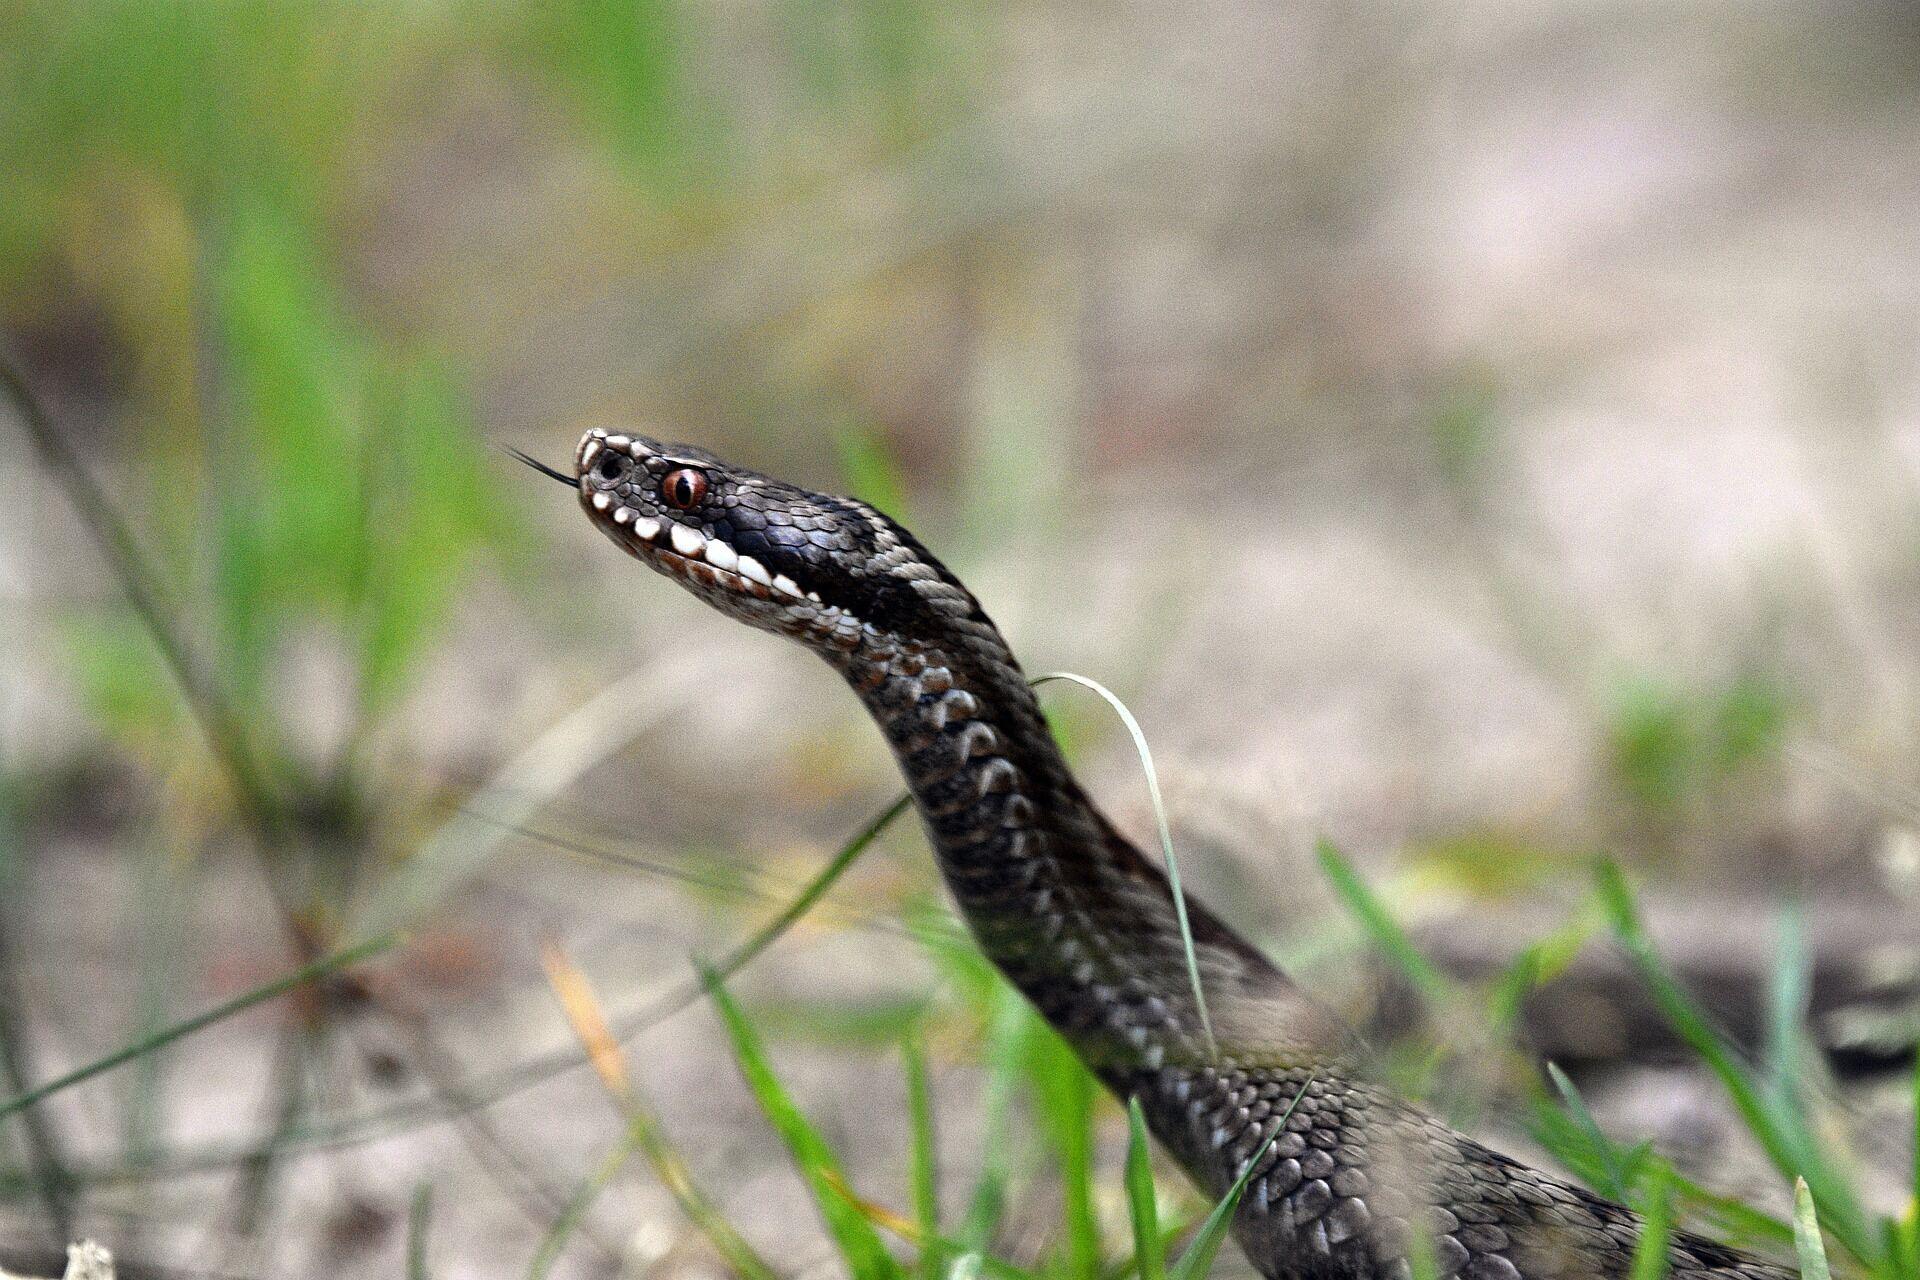 Вважається, що 12 червня змії надзвичайно активні та повзають зграями